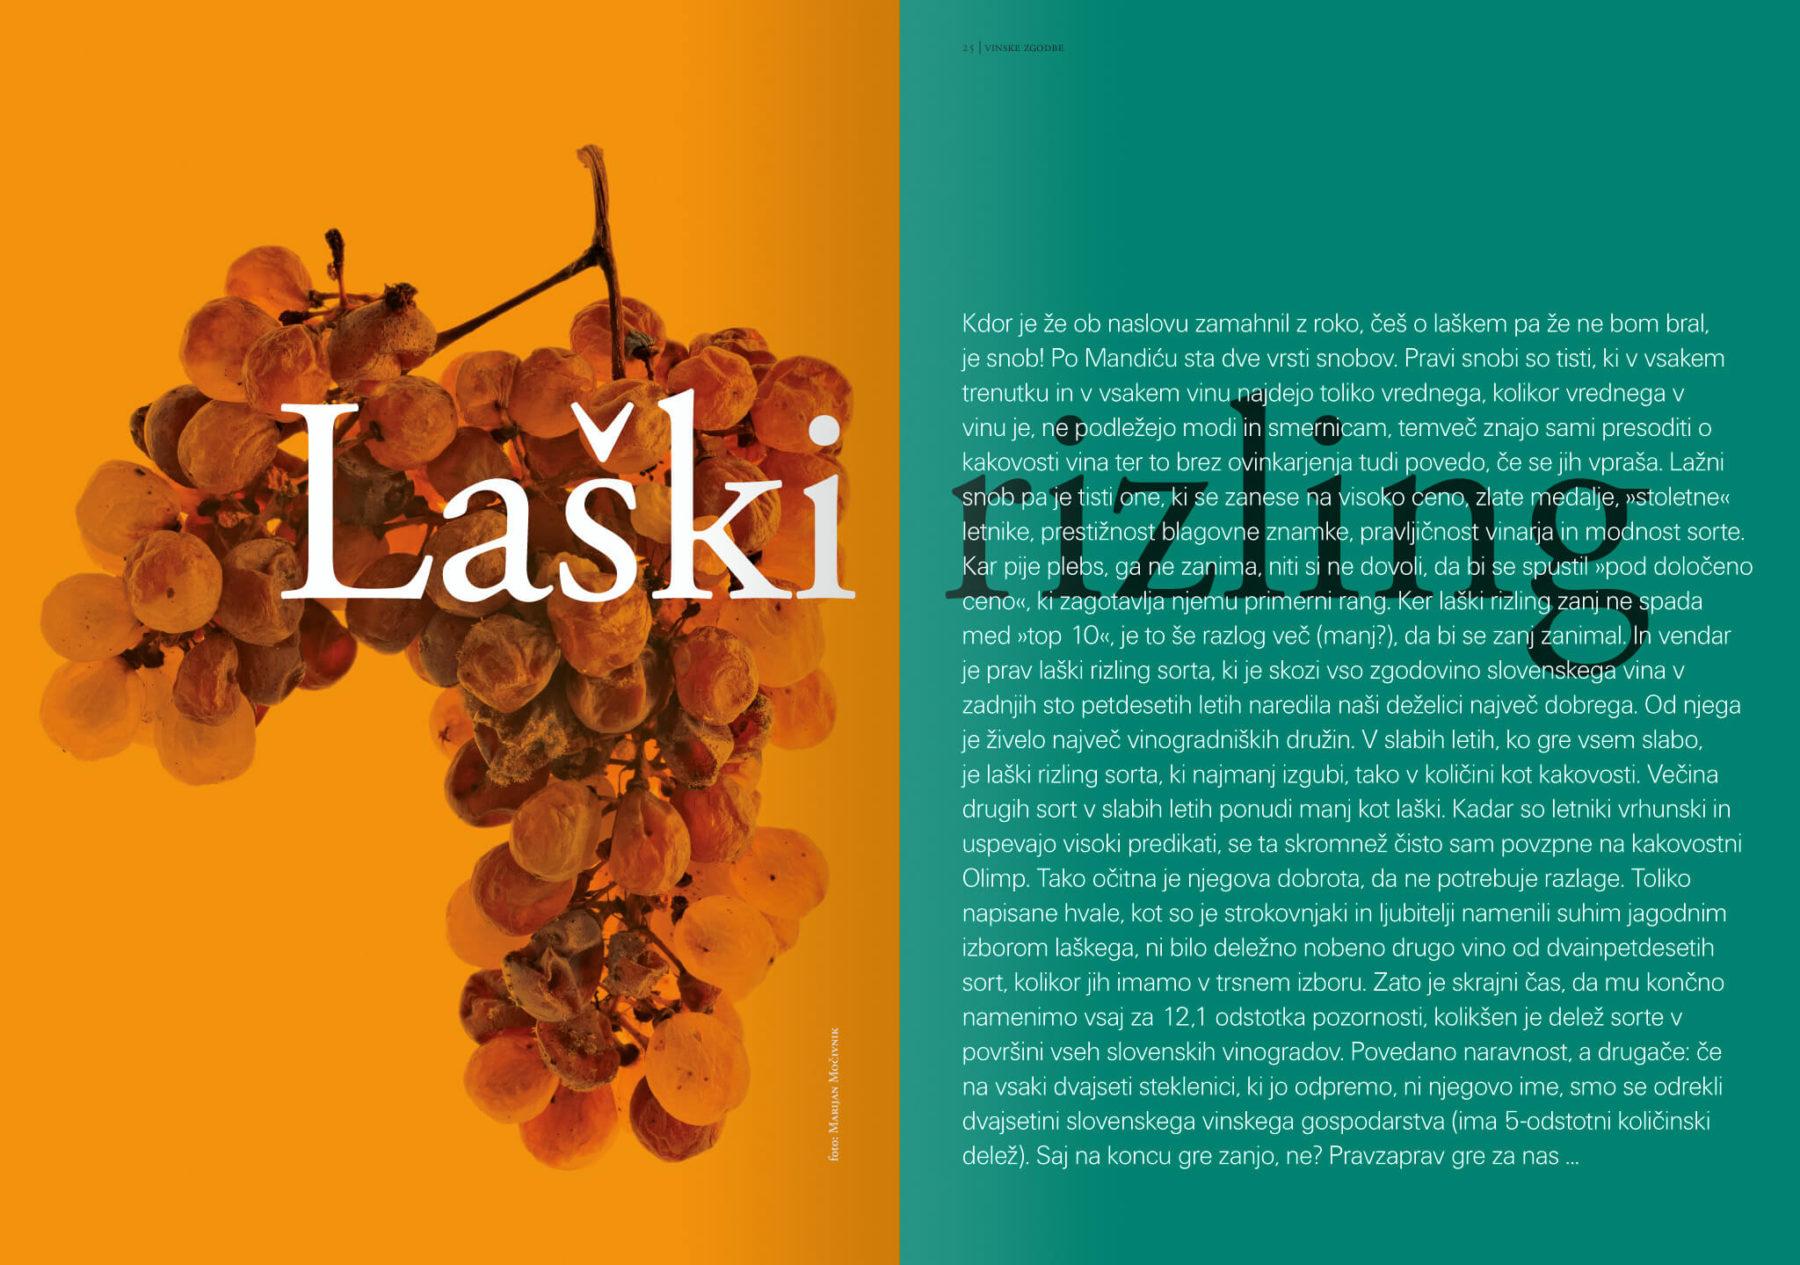 Revija Vino, poletje 2017 strani 24 in 25 – uvodne strani članka Laški rizling · Naročnik: Revija Vino · Fotografija za članek: Marijan Močivnik · 2006 ·